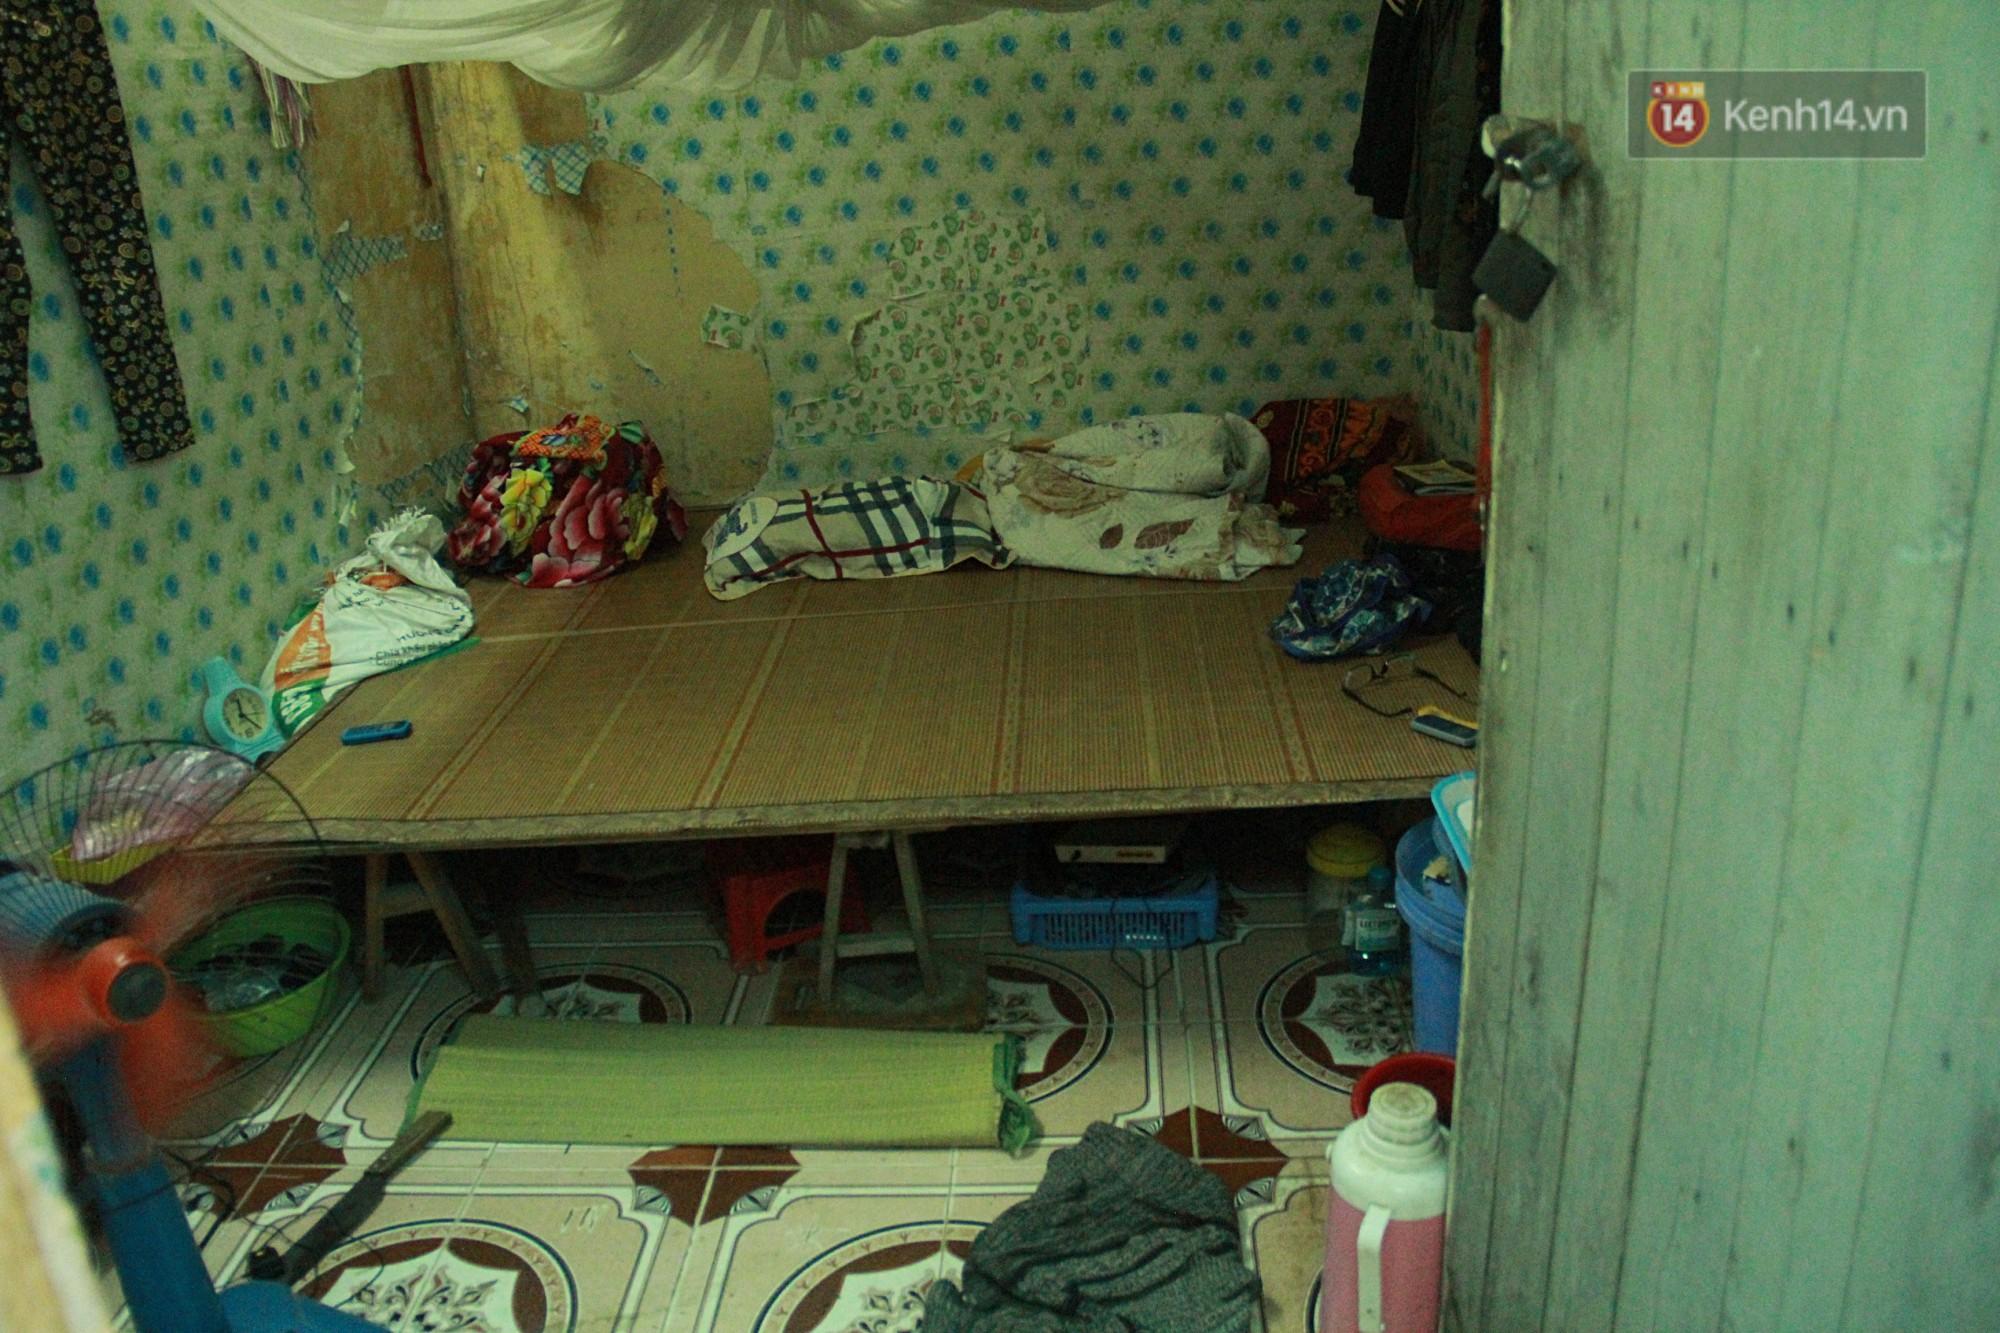 Dân xóm nghèo oằn mình trong những căn phòng trọ lợp mái tôn gần 50 độ C giữa lòng Hà Nội: Cái nóng hầm hập như muốn luộc chín người - Ảnh 4.